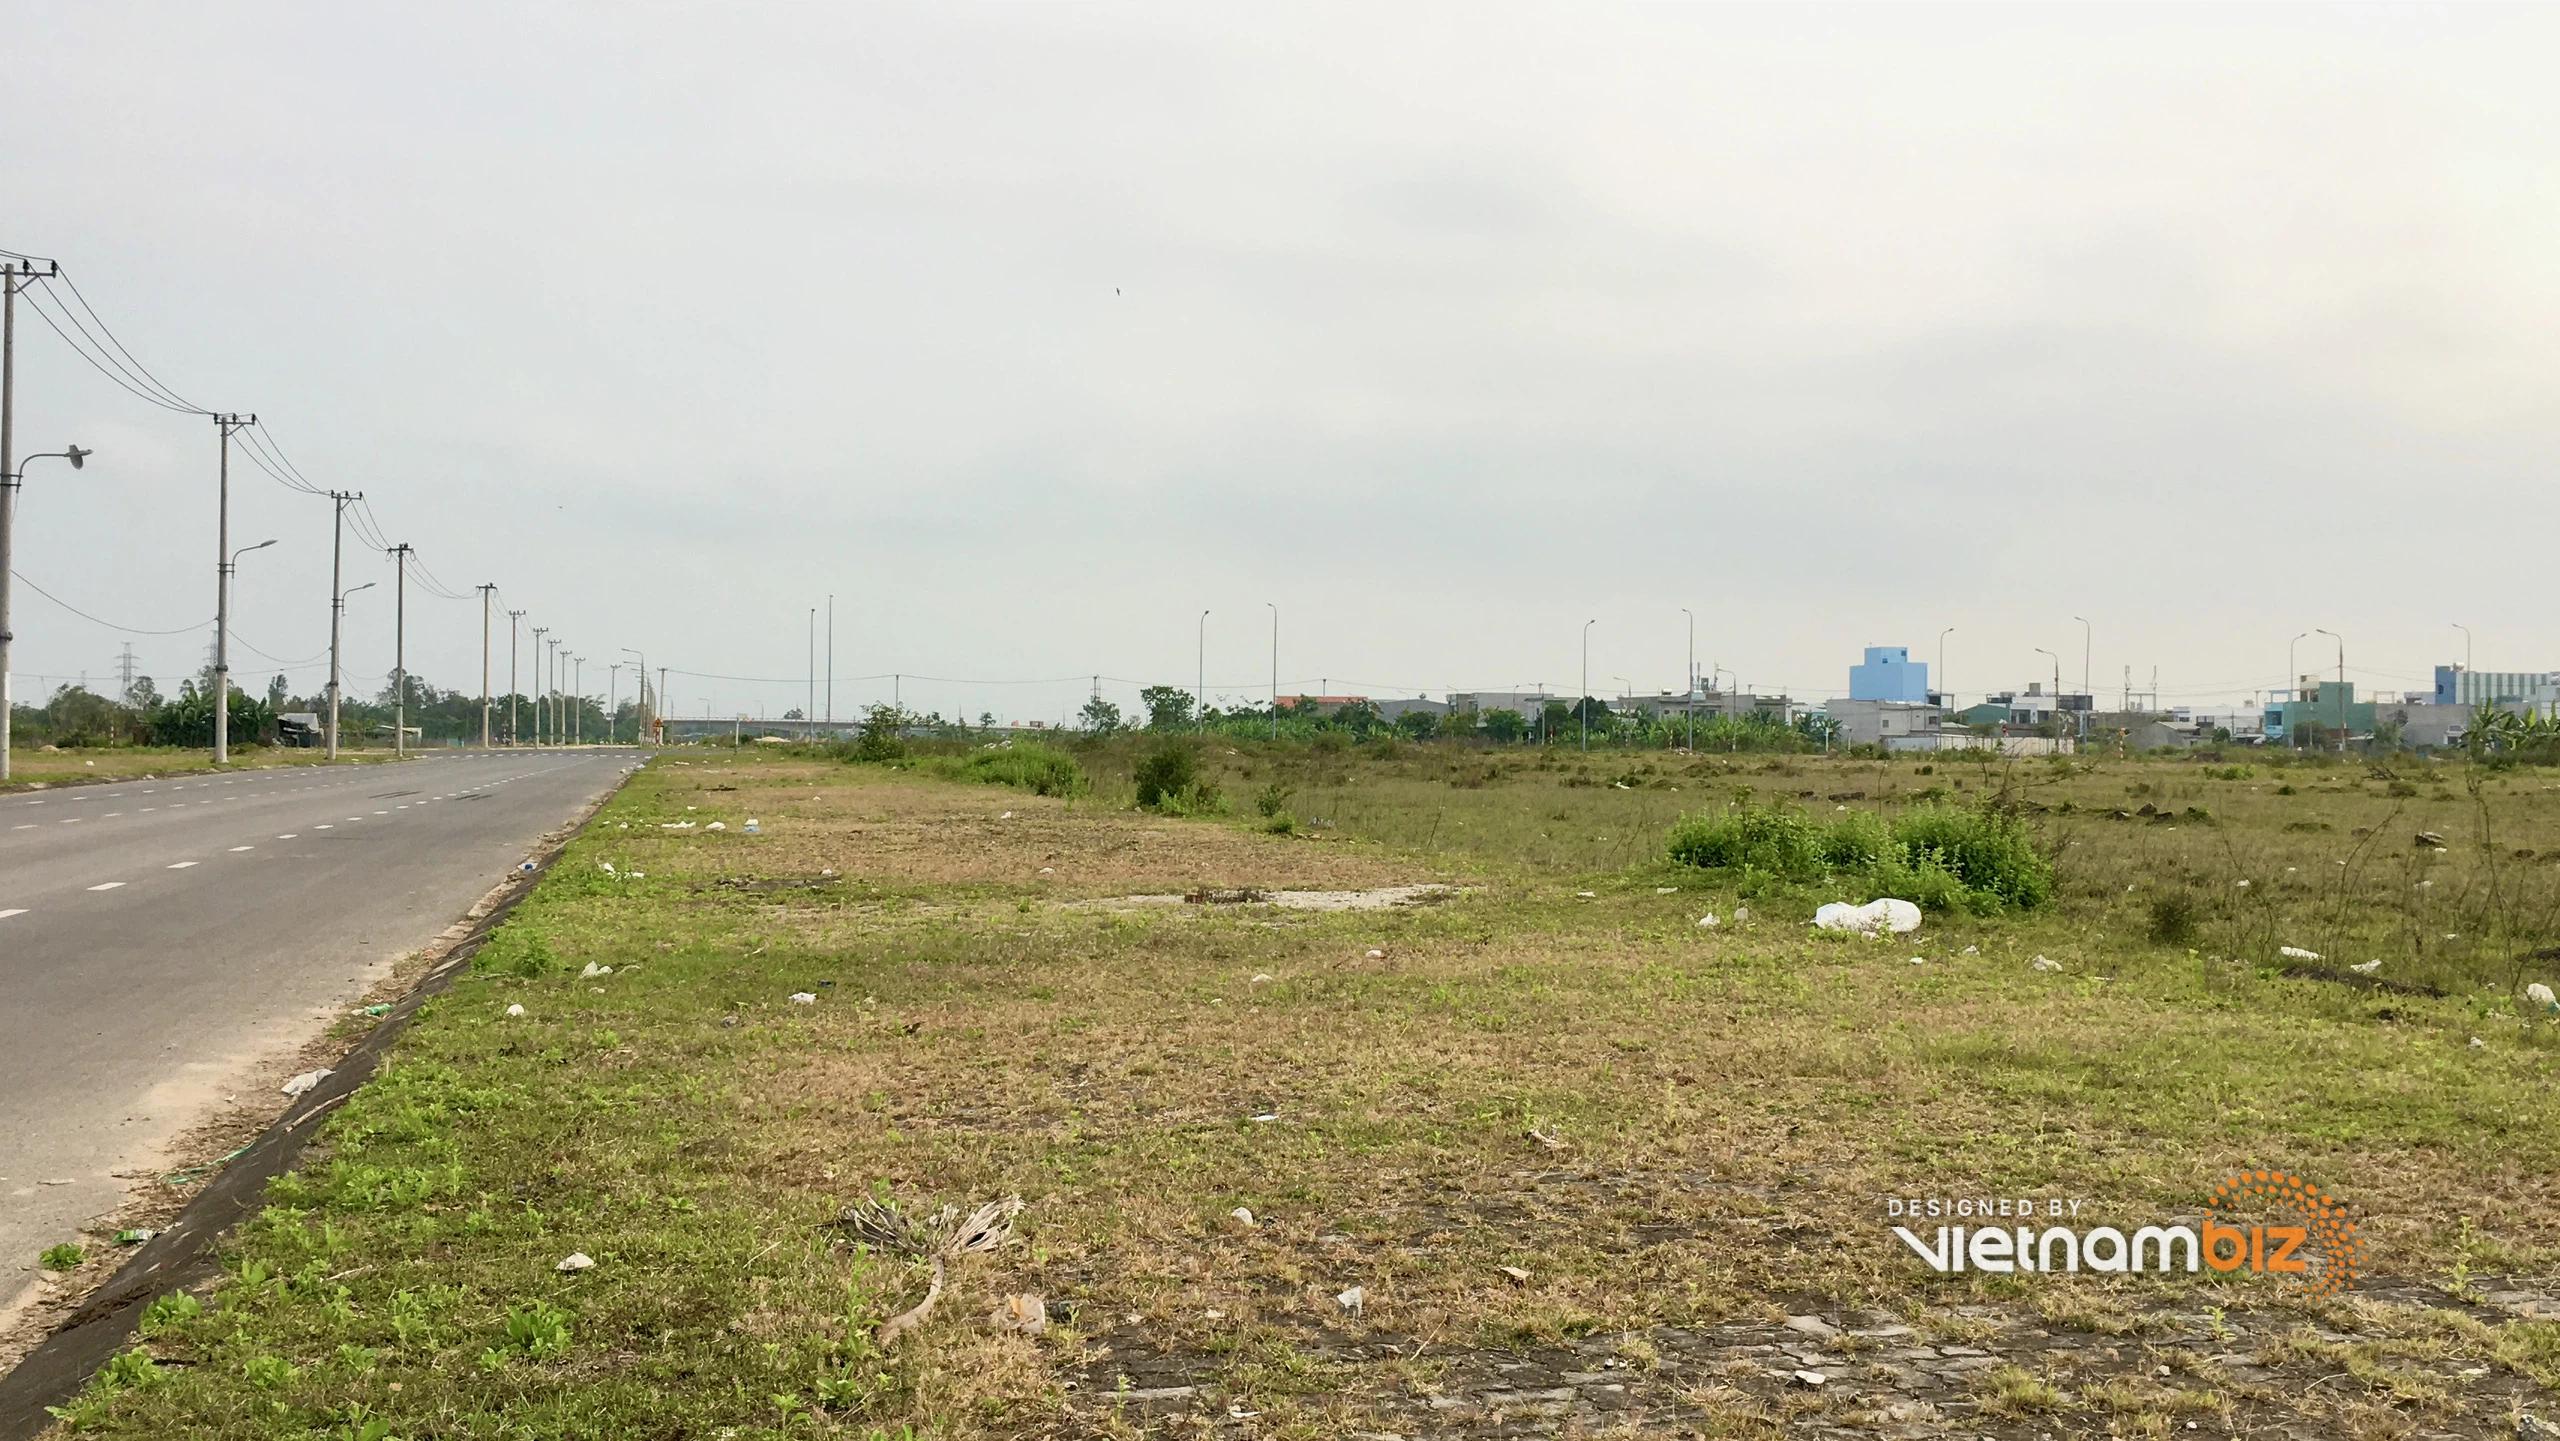 Vị trí khu đất ở Hòa Xuân, Đà Nẵng làm Không gian sáng tạo 12.000 tỷ đồng - Ảnh 12.